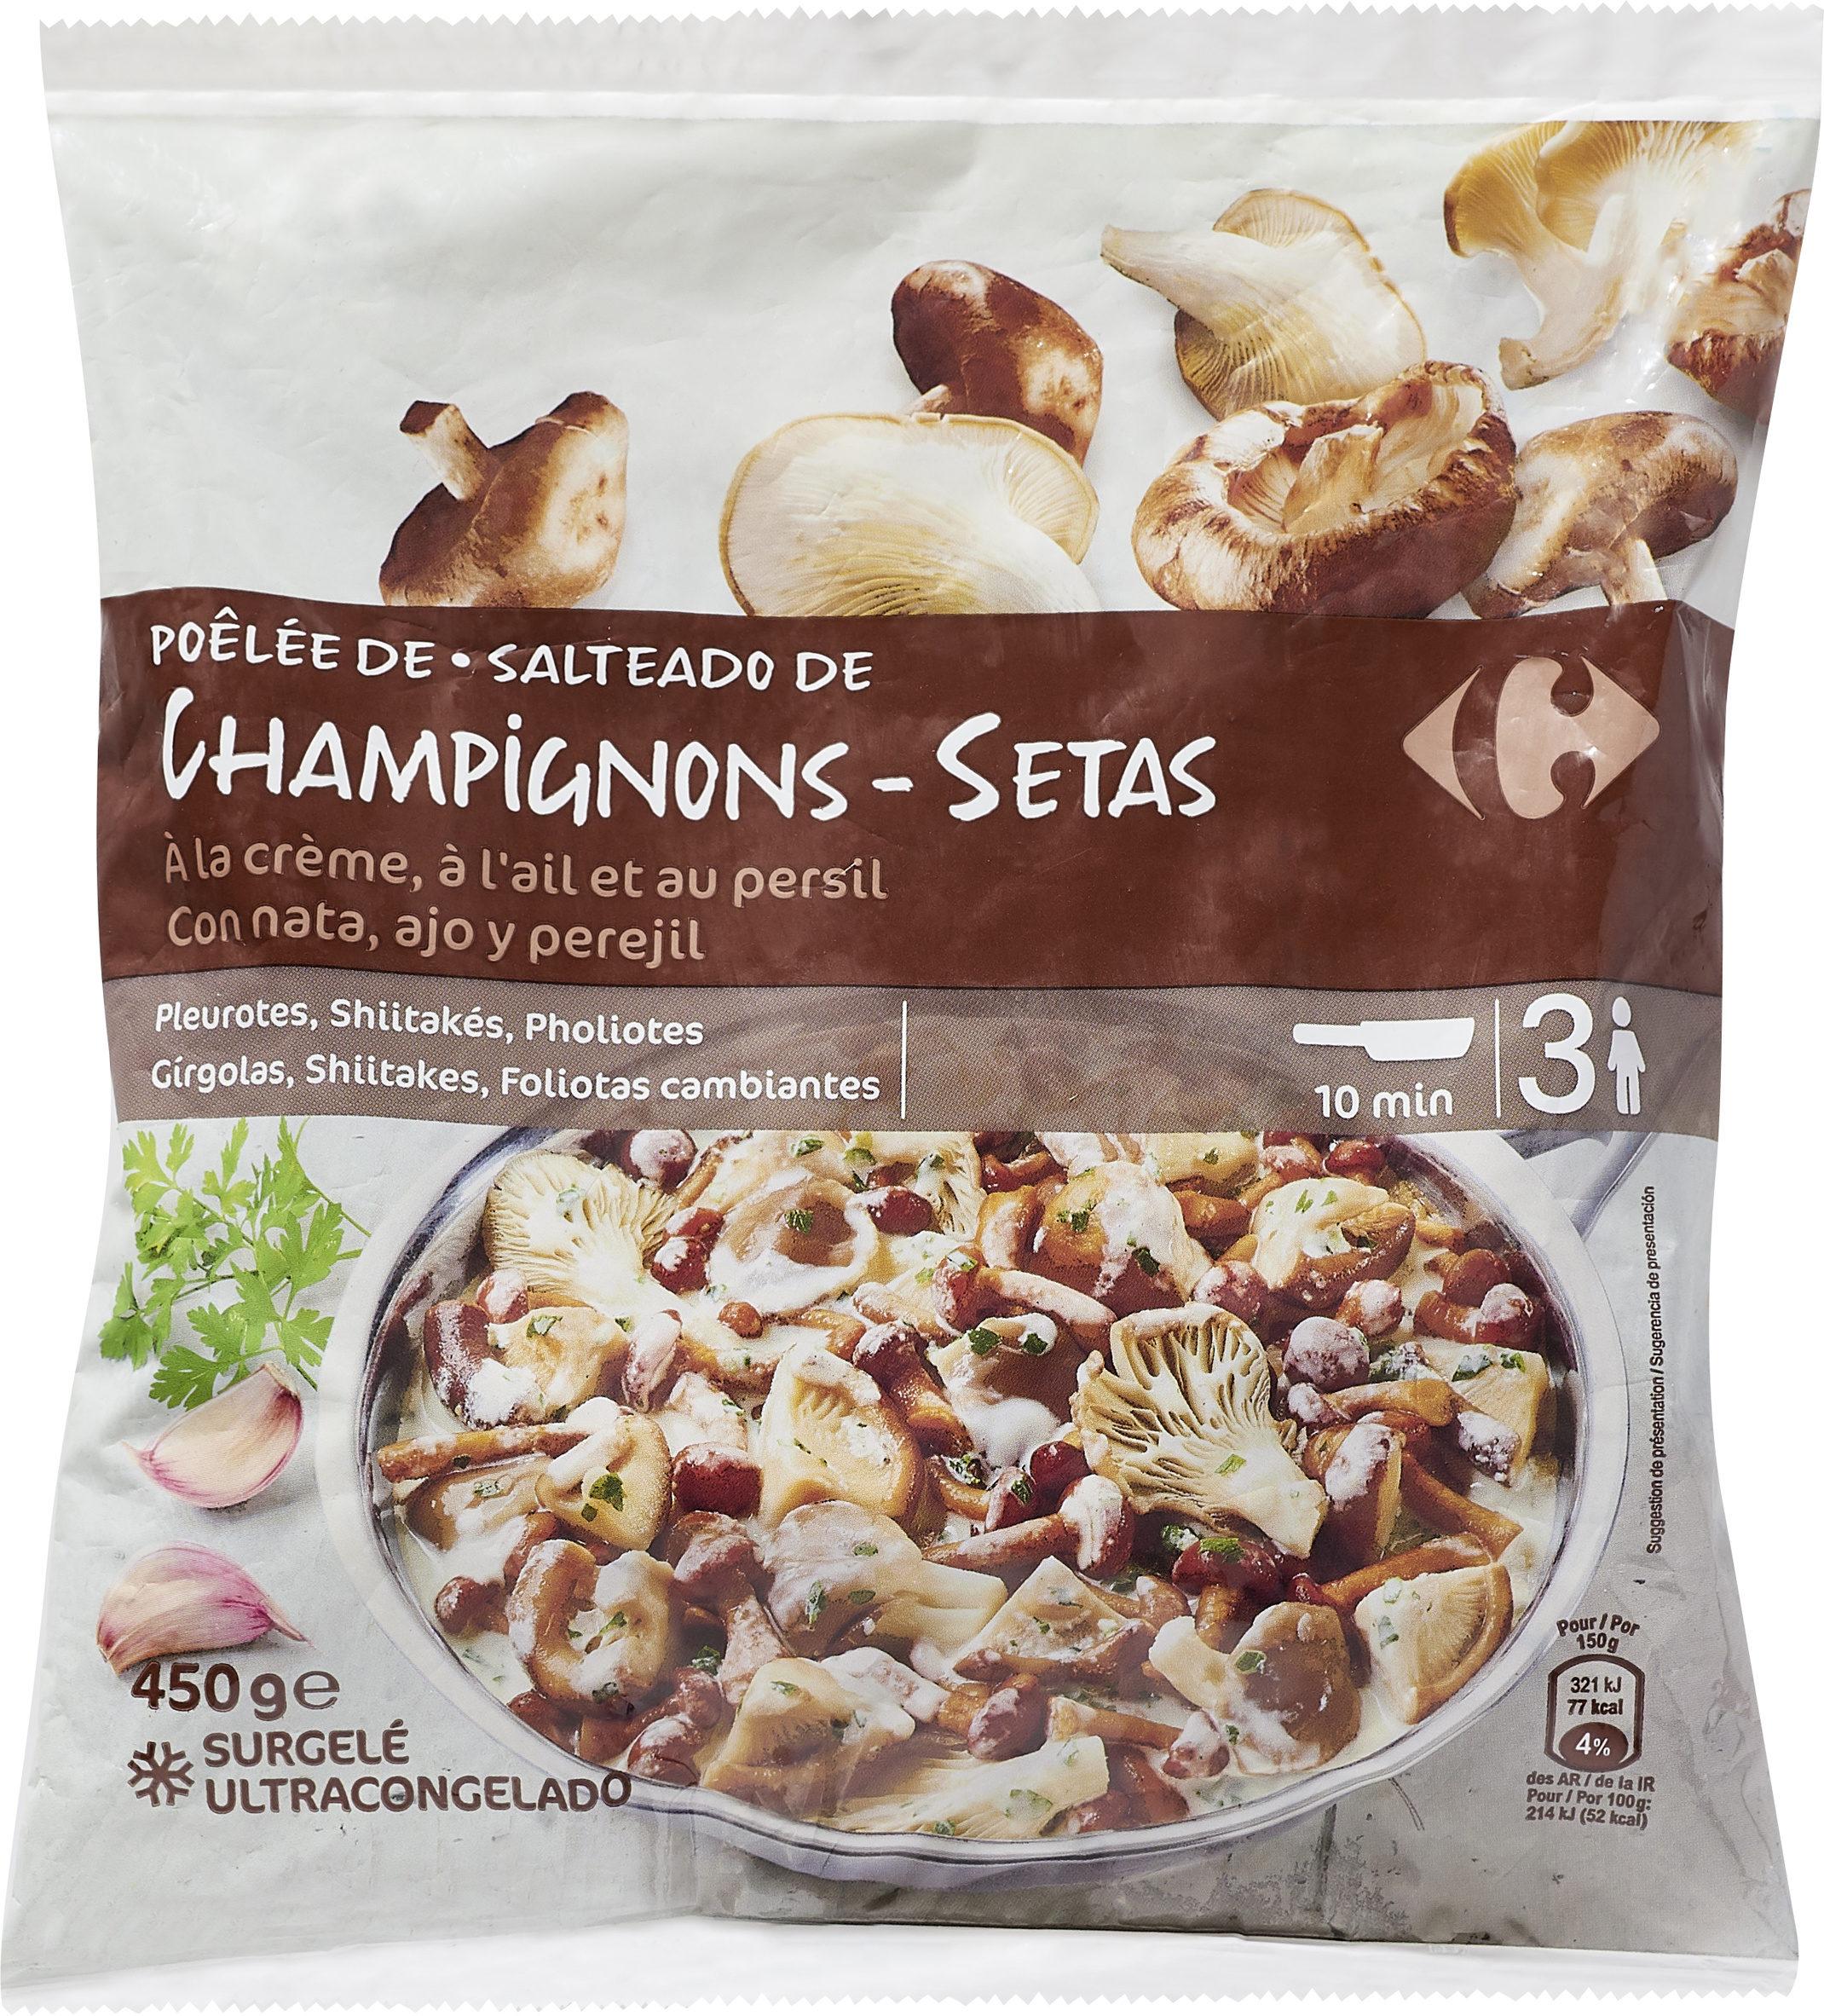 Poêlée de champignons  A la crème, à l'ail et au persil - Product